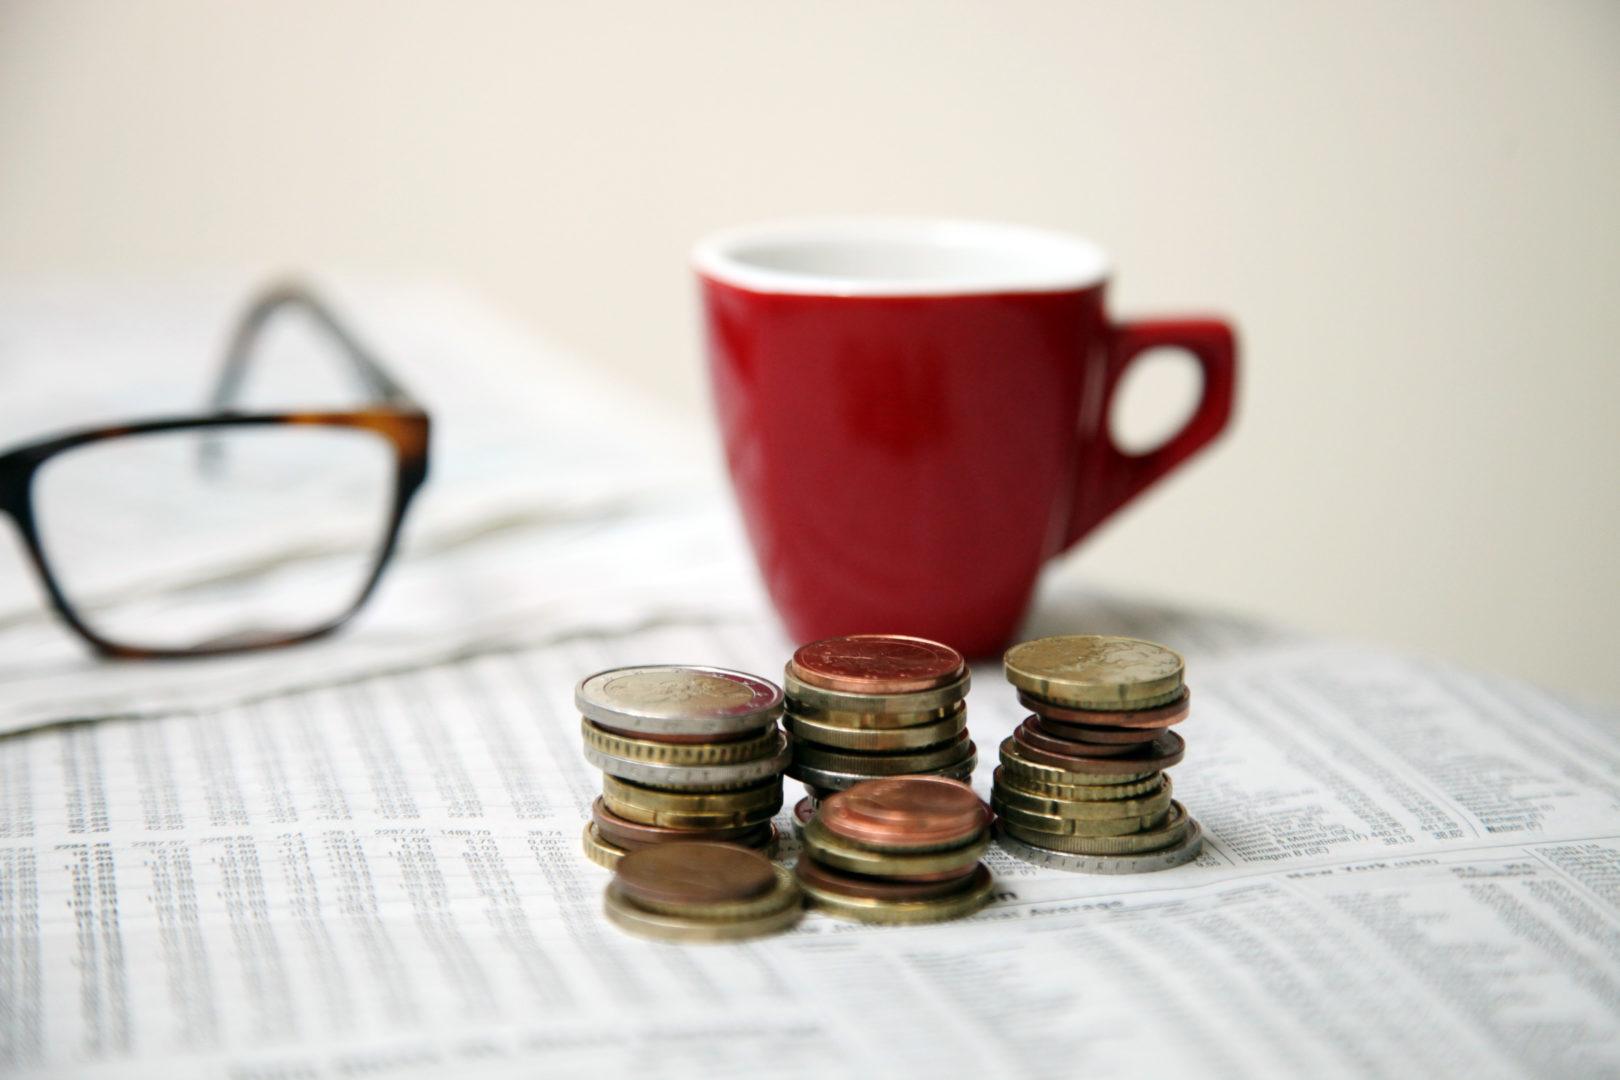 Das Bild zeigt aufgestapelte Münzen vor dem Hintergrund einer Kaffeetasse und einer Brille.